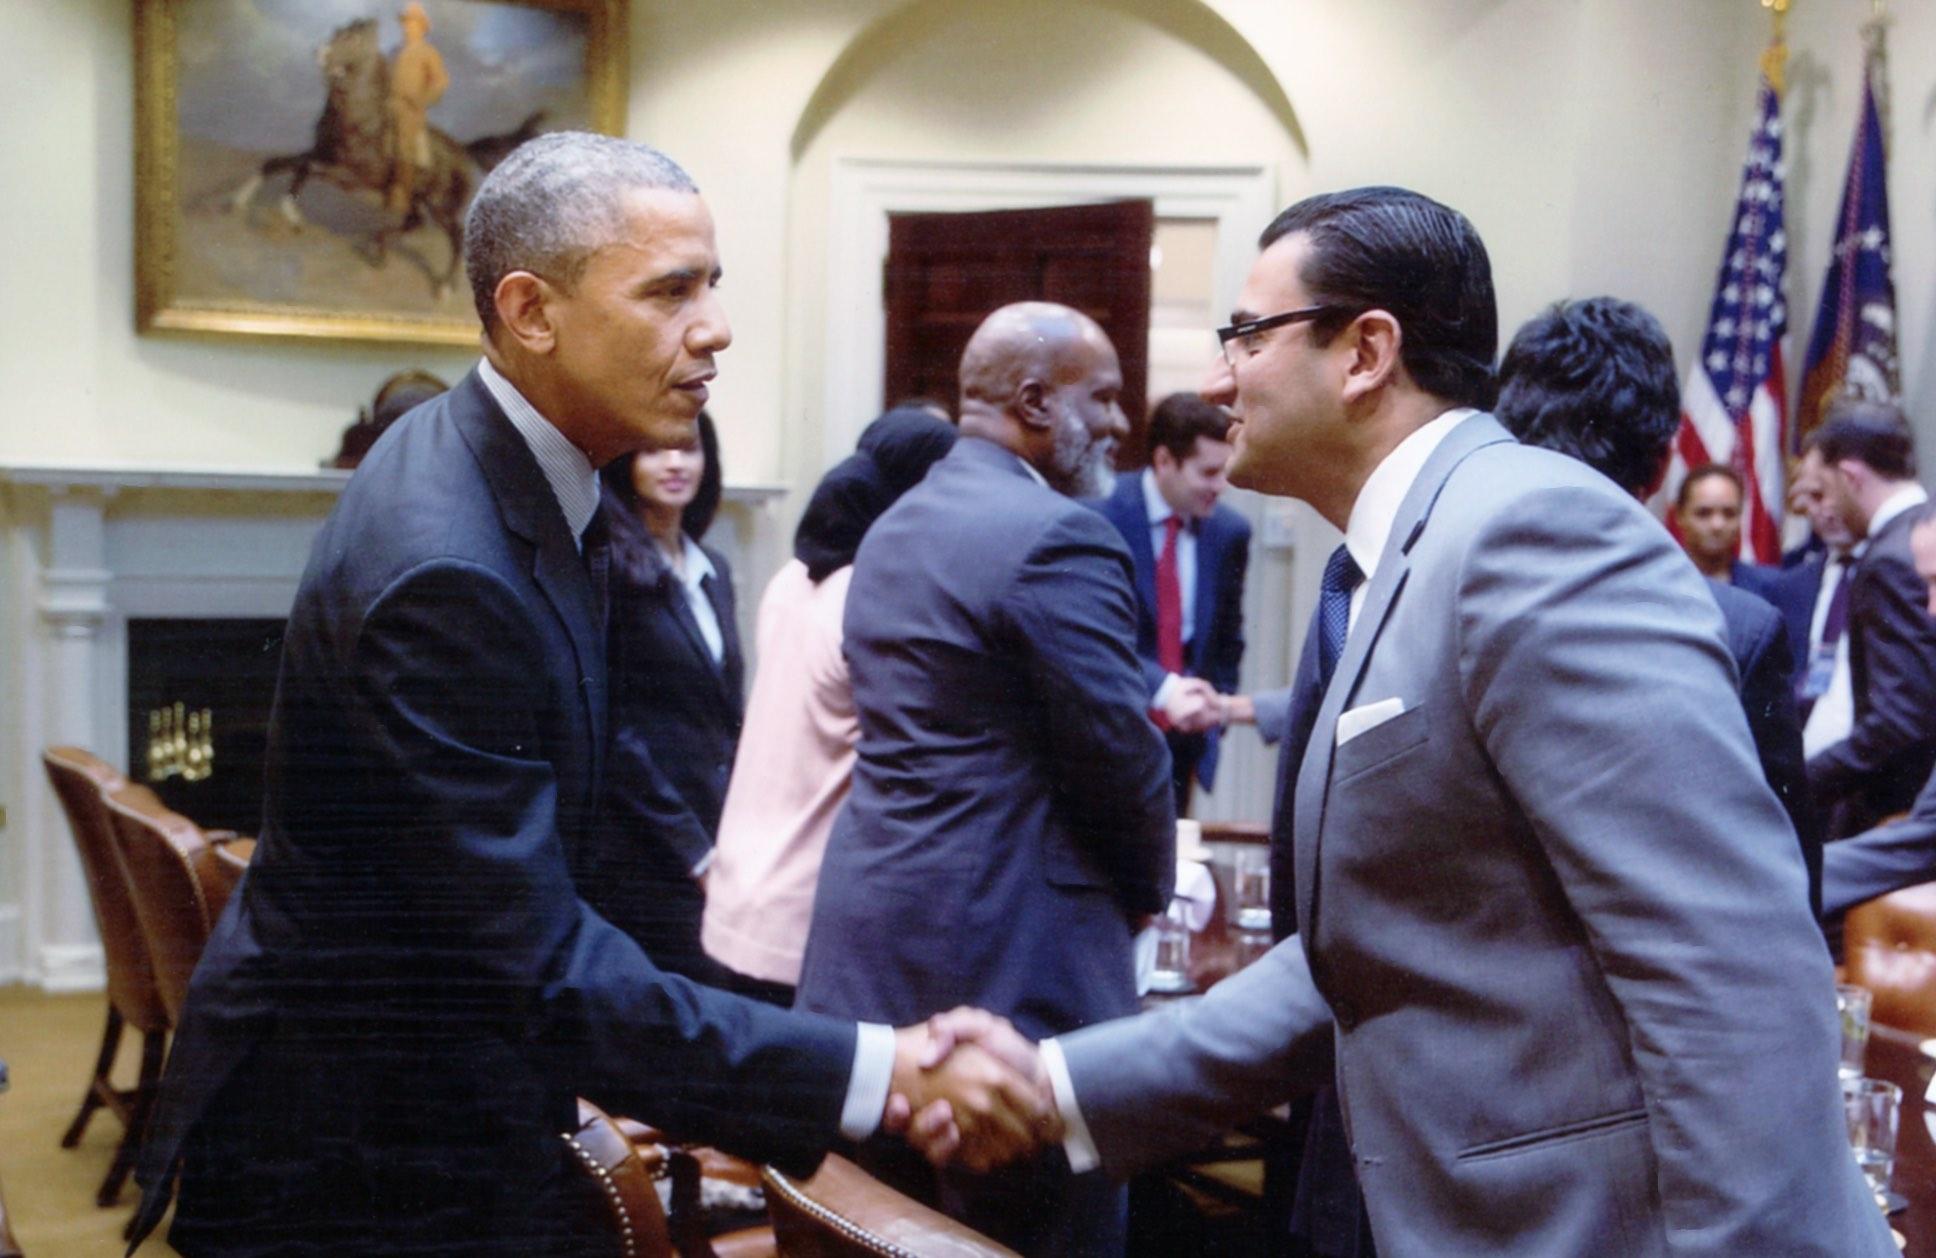 Former President Barack Obama shaking hands with Farhan Latif